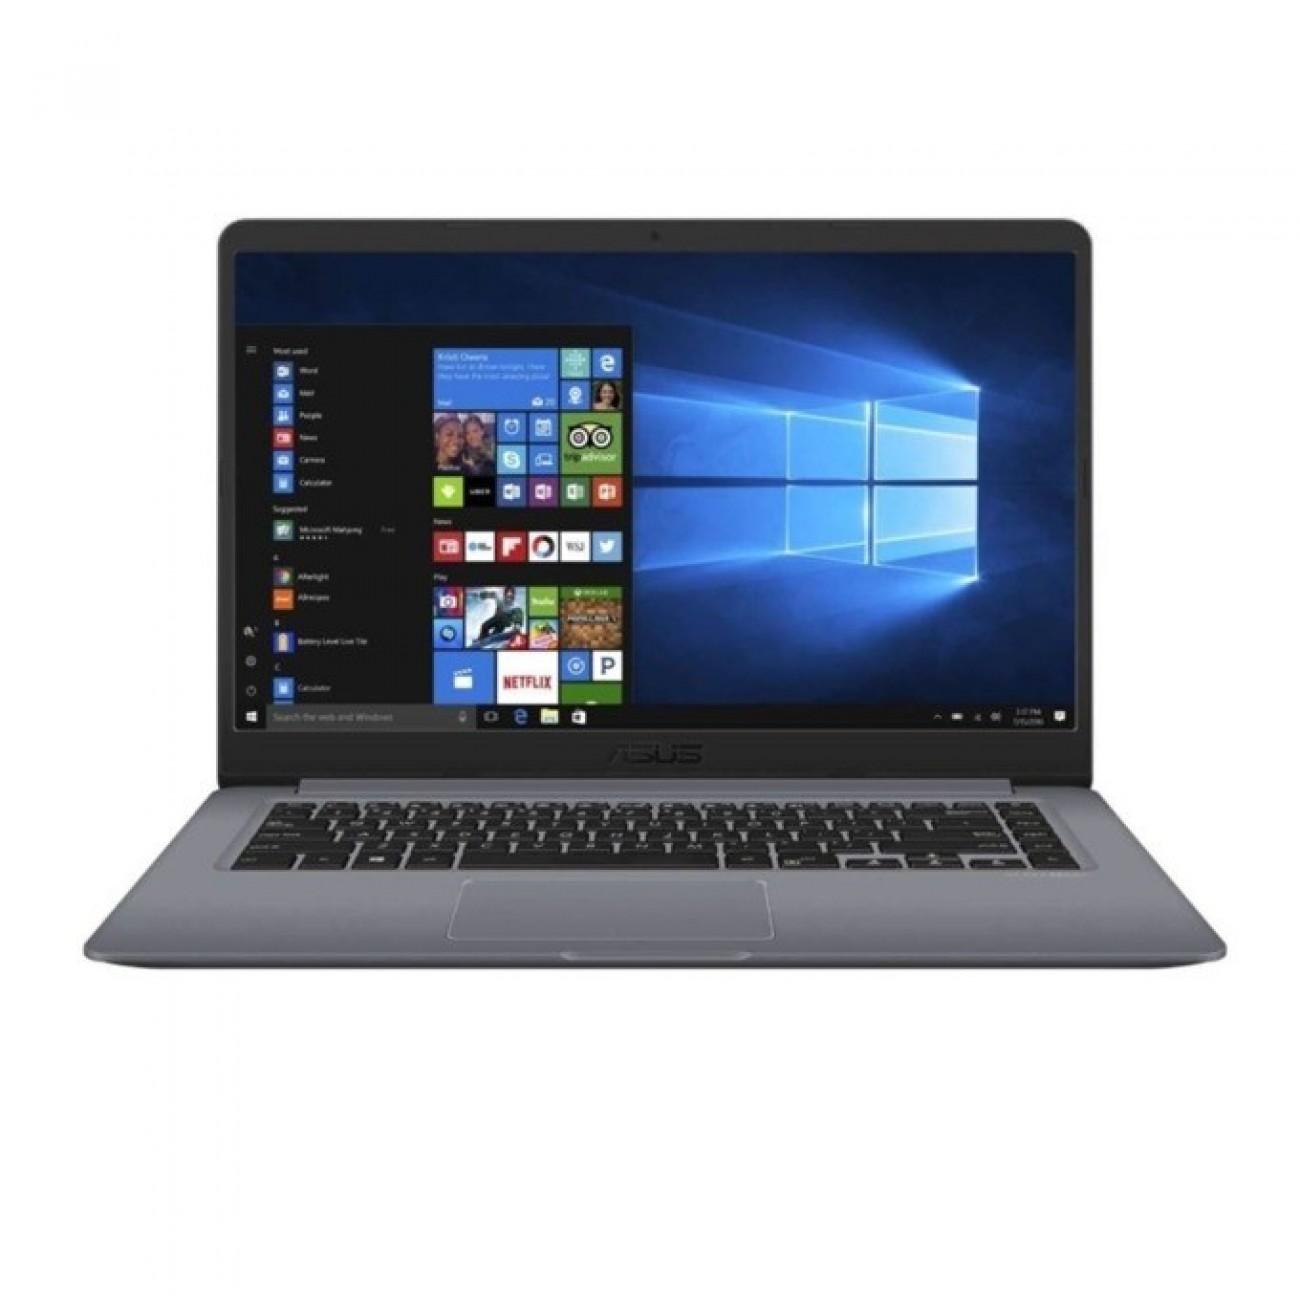 Лаптоп Asus X510UF-EJ045 (90NB0IK2-M04100)(сив), четириядрен Kaby Lake R Intel Core i7-8550U 1.8/4.0 GHz, 15.6 (39.62 cm) Full HD Anti-Glare Display&NVIDIA GeForce MX130 2GB(HDMI), 8GB DDR4, 1TB HDD, 1x USB 3.1 Type-C, Linux, 1.70 kg в Лаптопи -    Al